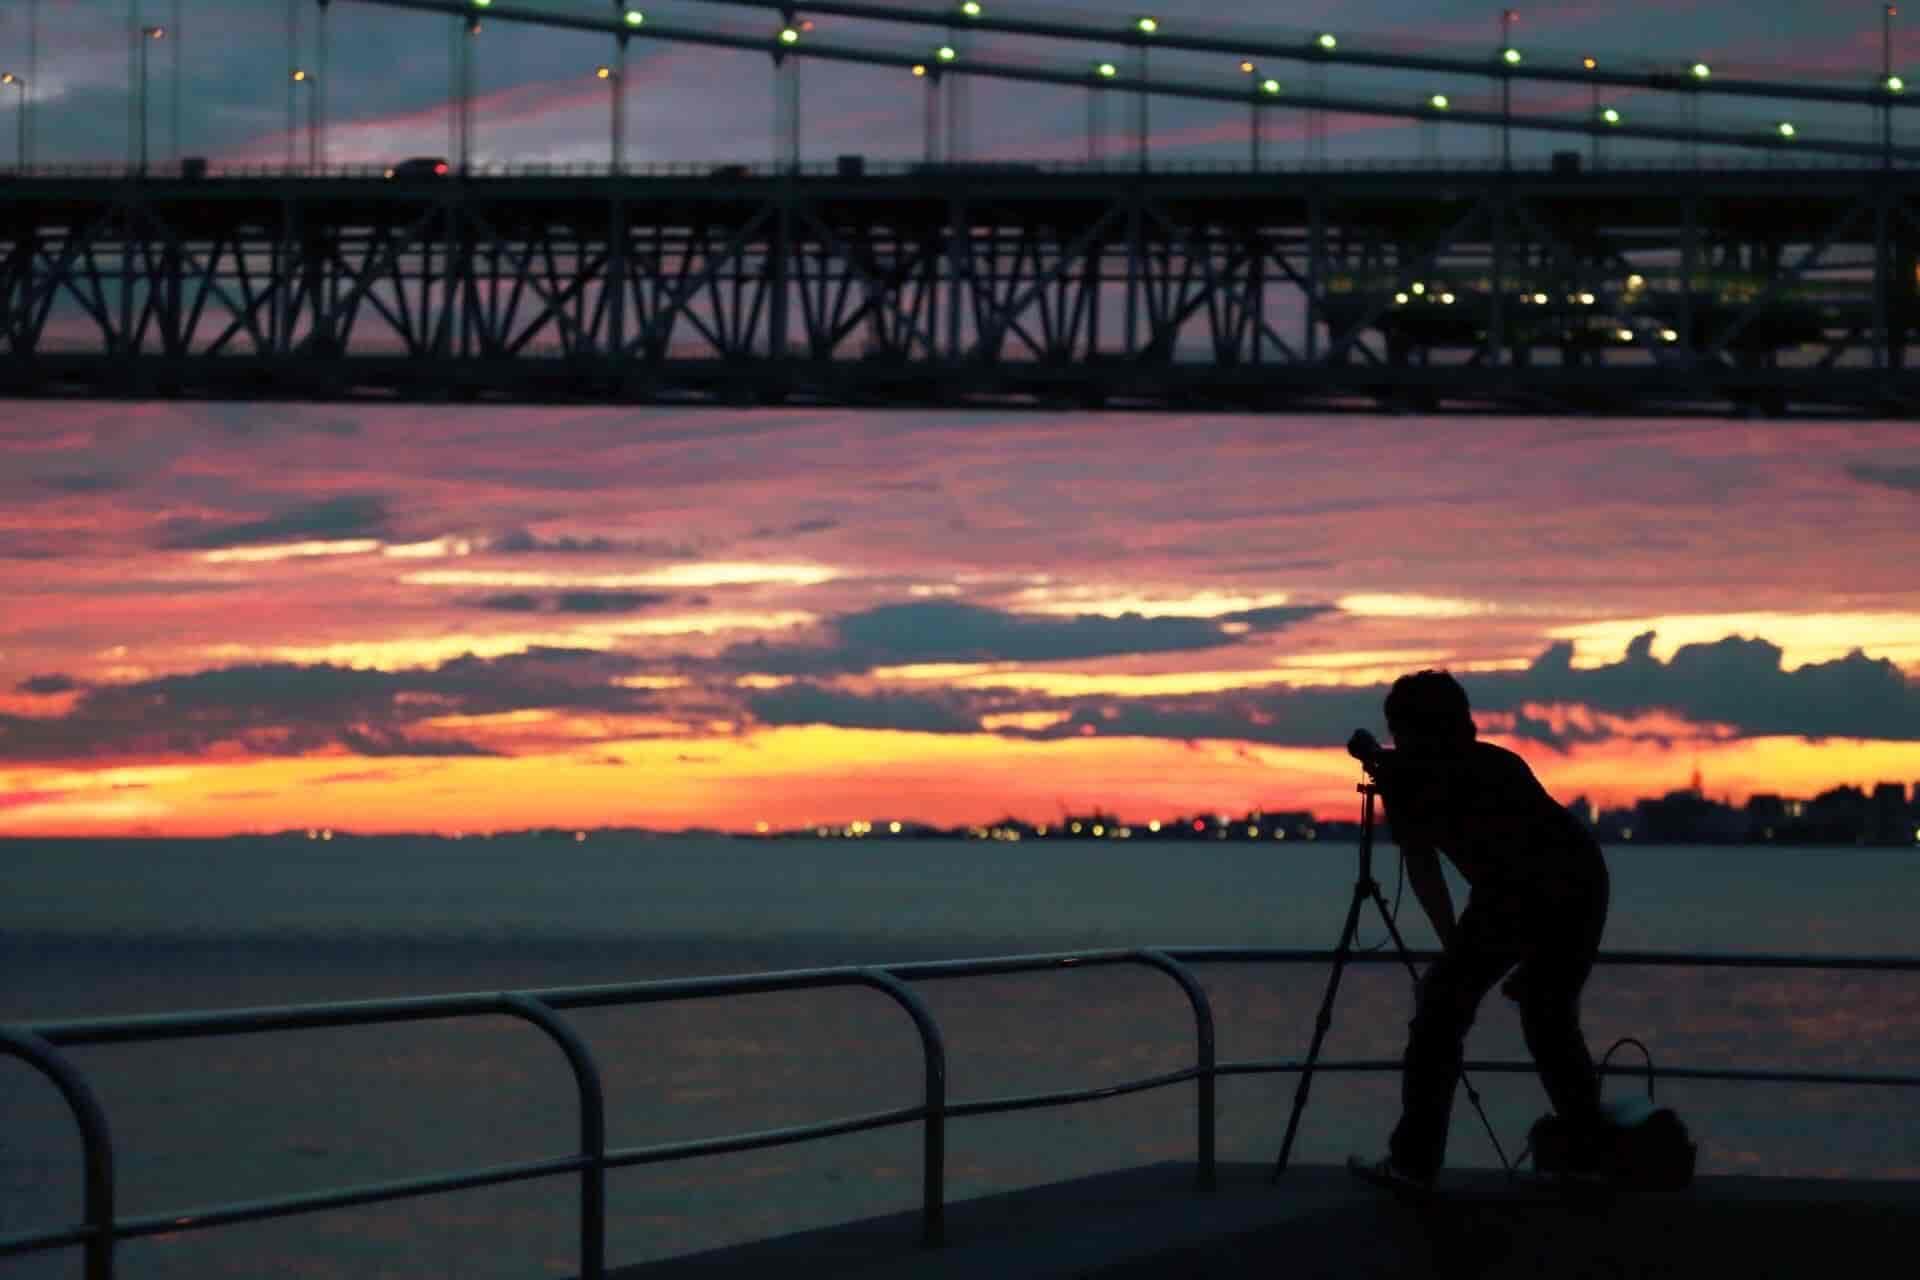 ラブ探偵事務所と他社の埼玉県草加市での夜間暗視撮影